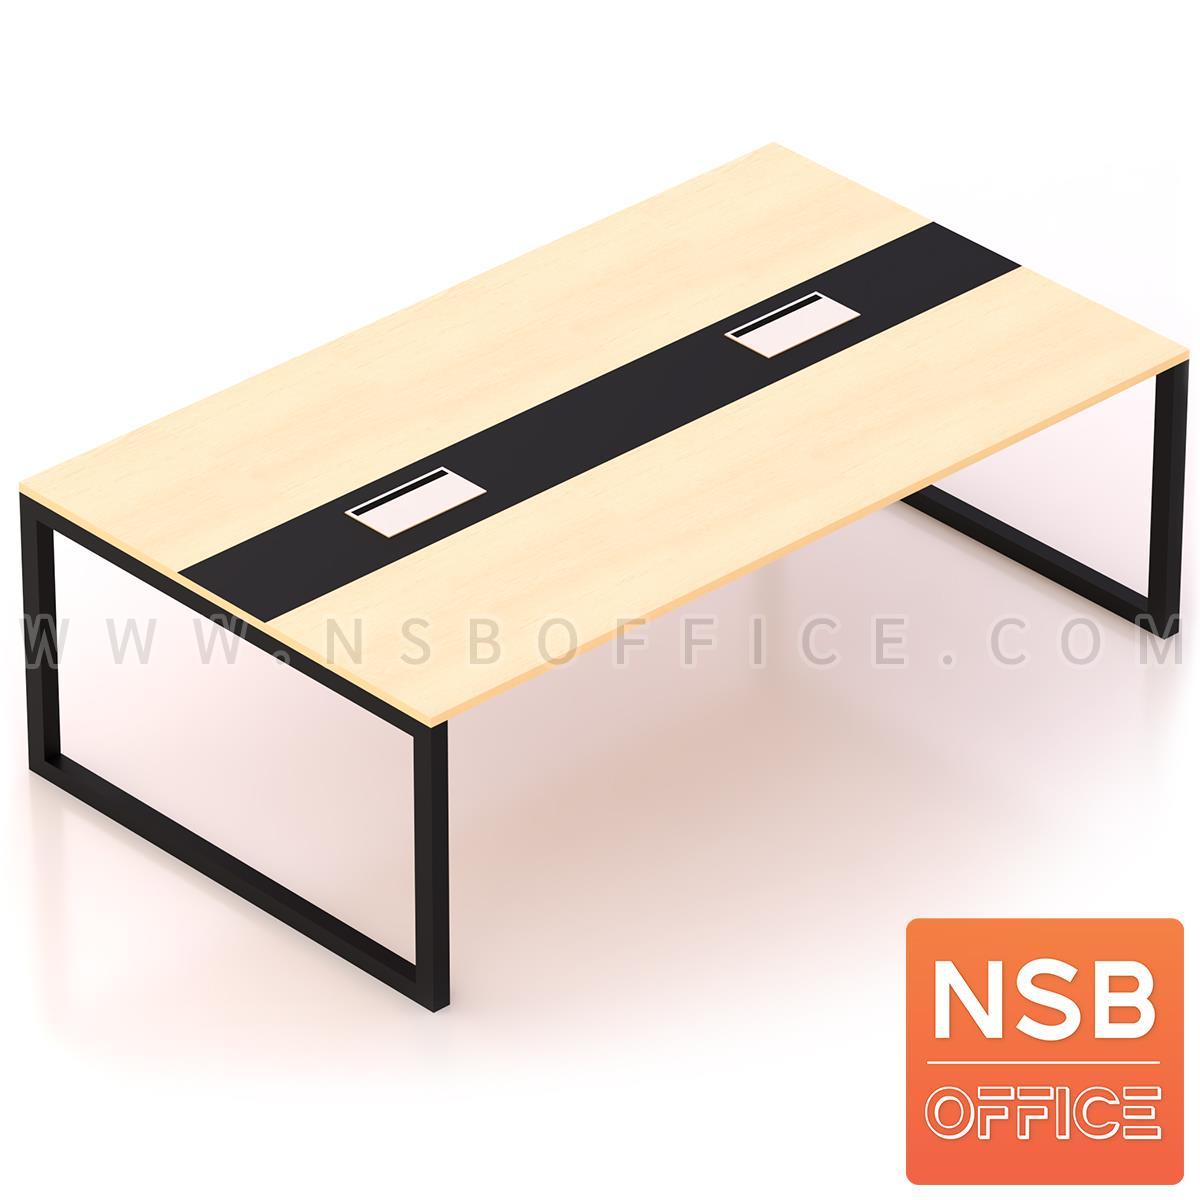 A05A148:โต๊ะประชุมทรงสี่เหลี่ยม   ขนาด 240W cm. พร้อมป็อบอัพ รุ่น A24A047-2 ขาเหล็กเหลี่ยม